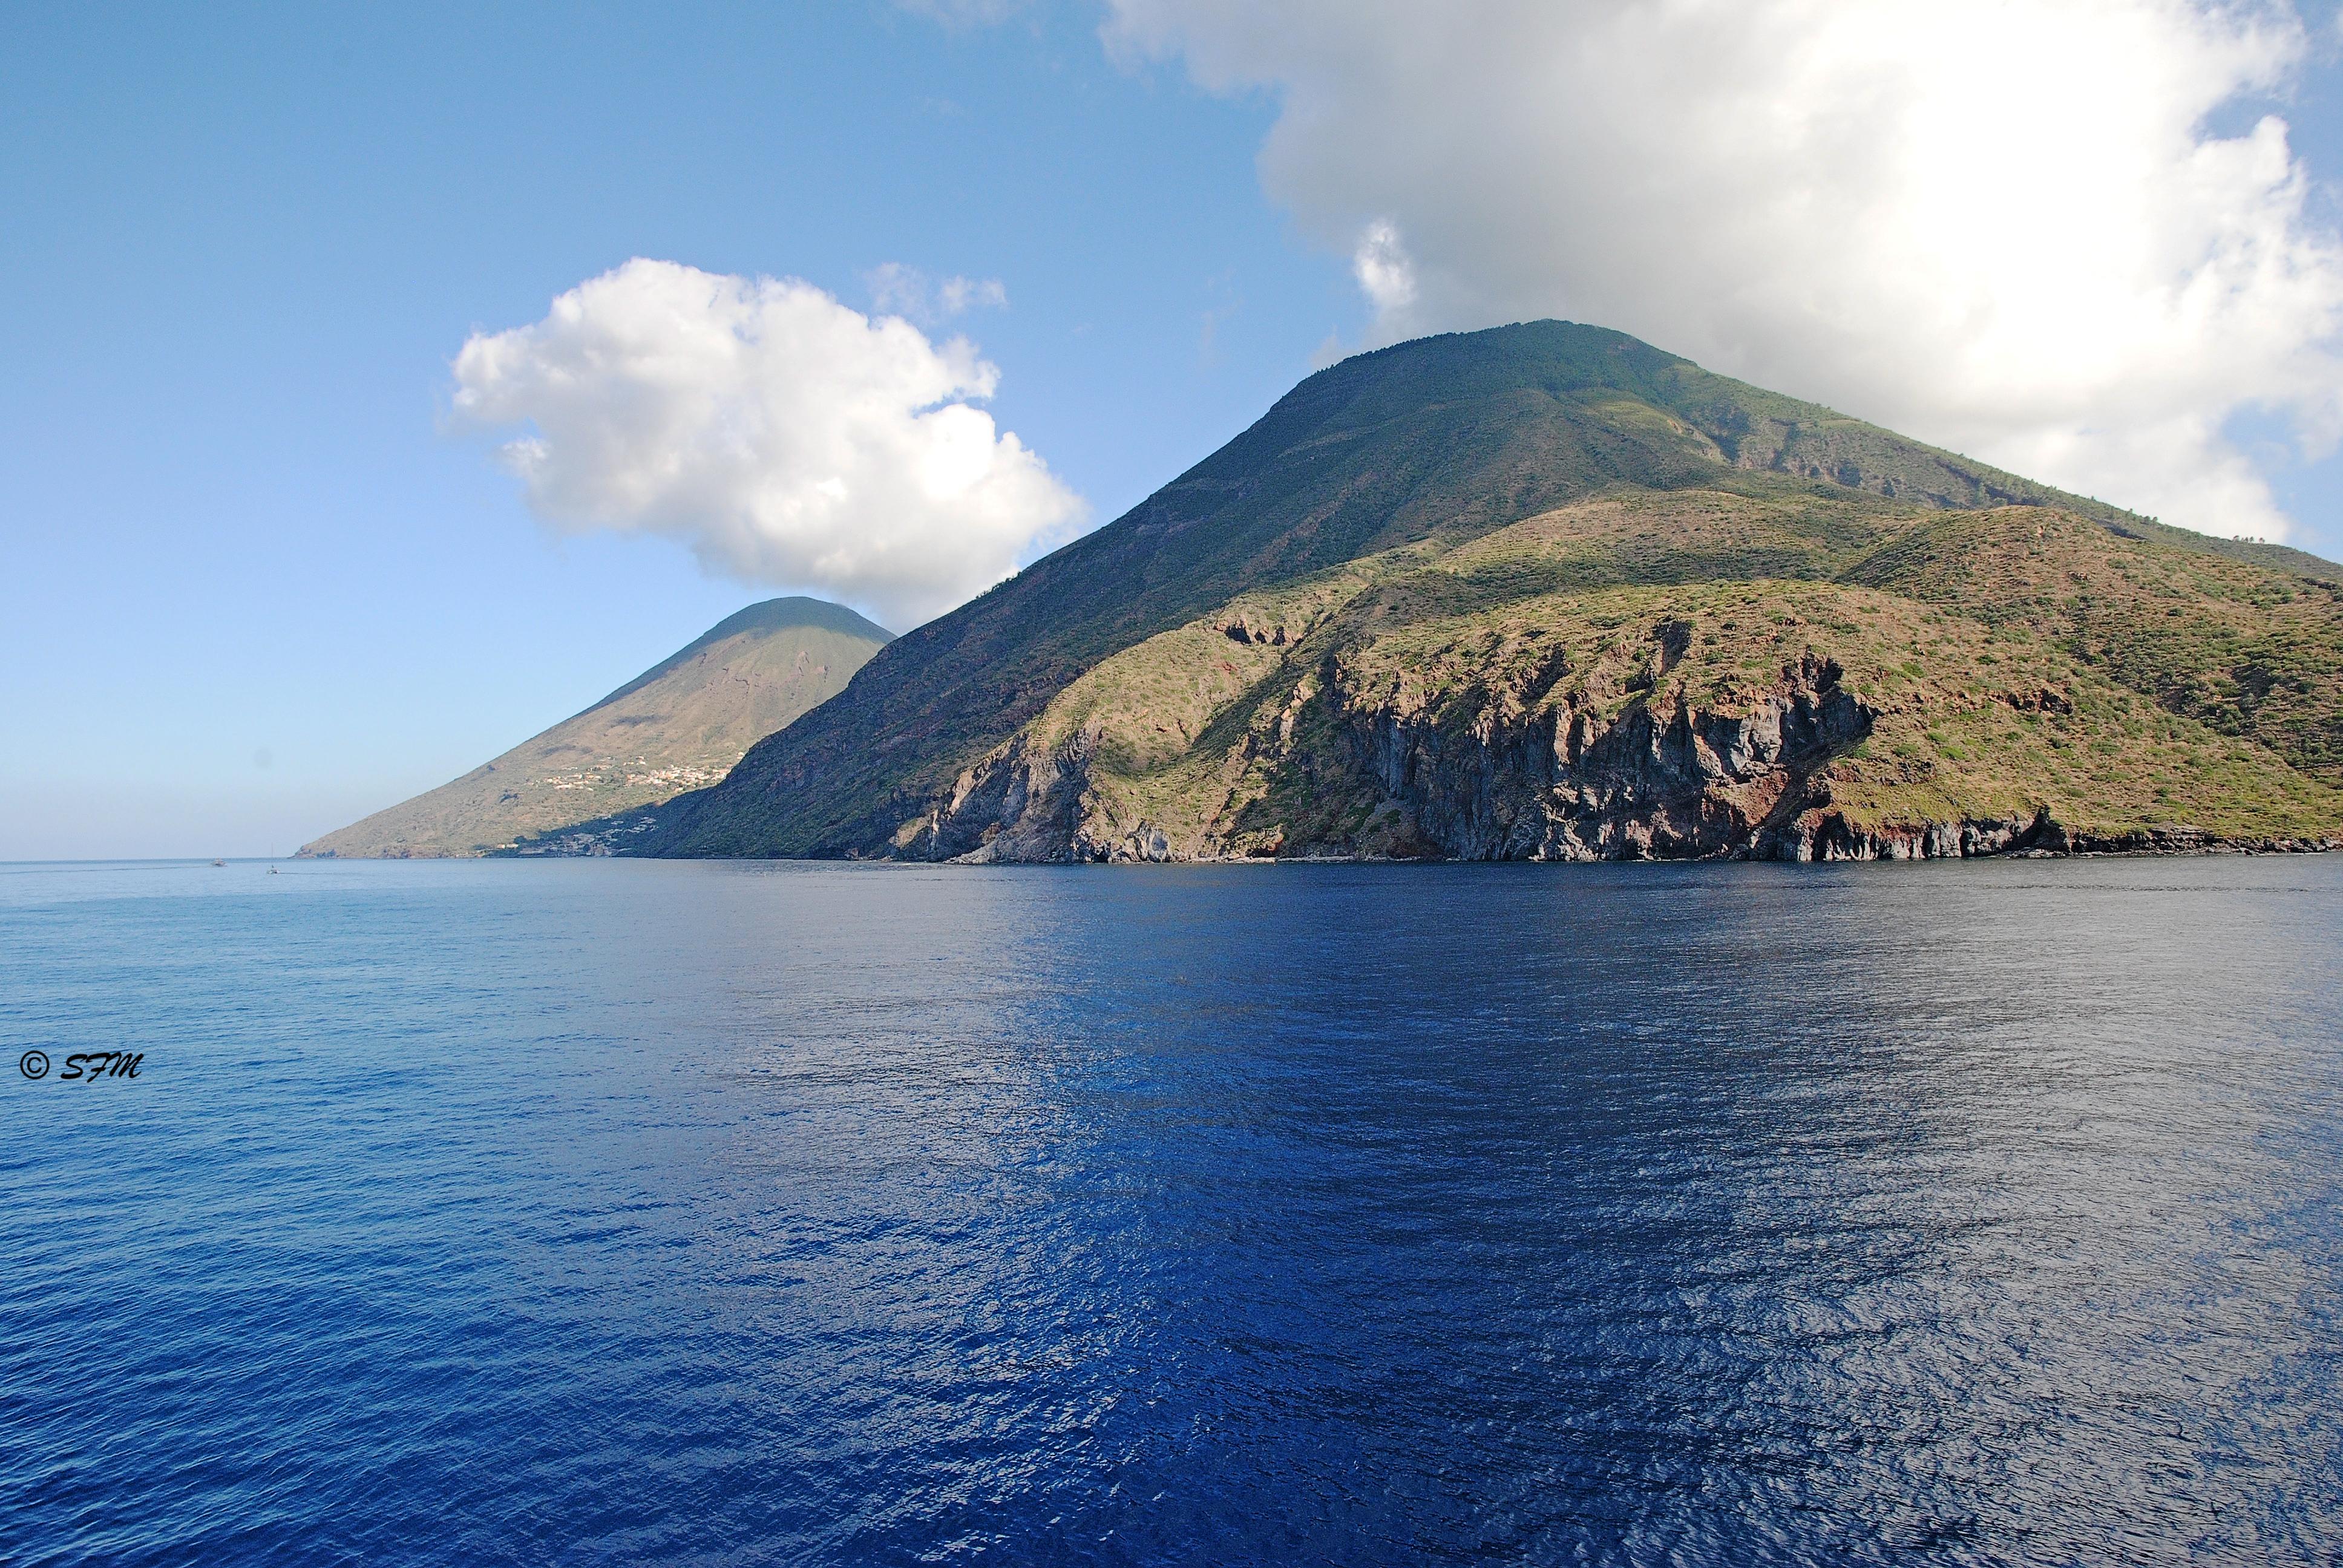 Zaimonaround Salina EoloL'isola Nelle Di Terre – wO8nkX0P